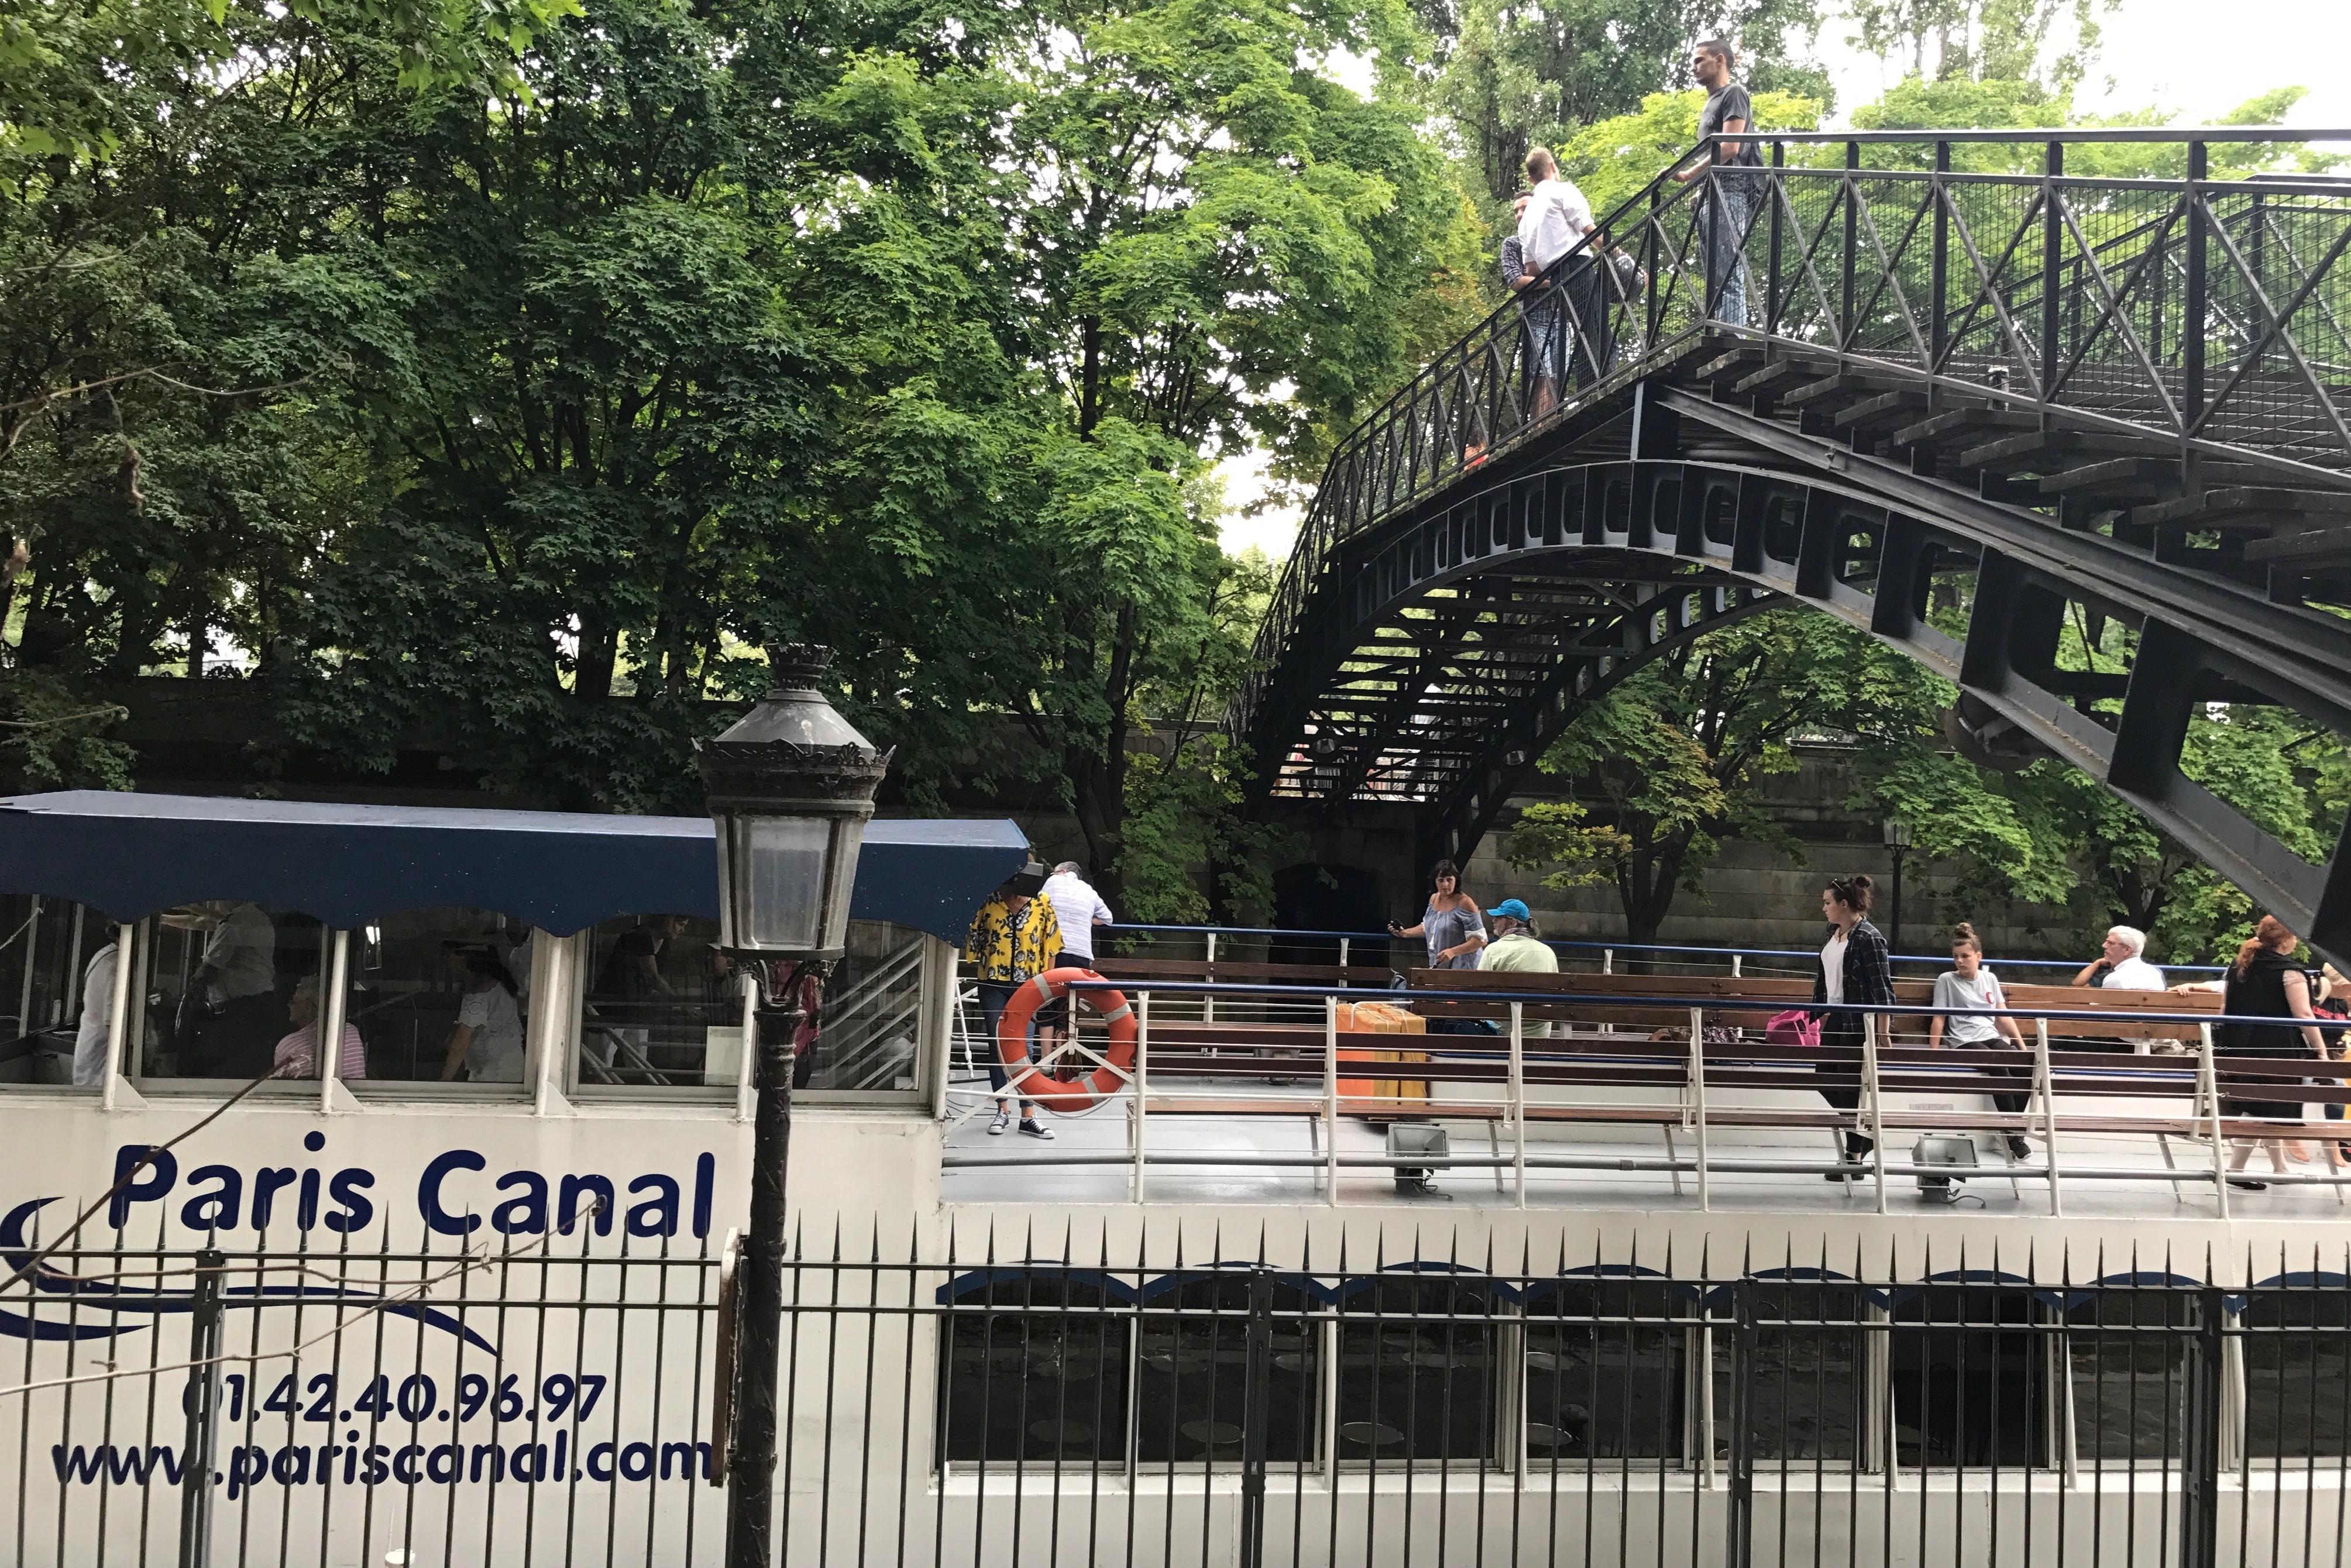 Le Canotier passerelle Canal Saint martin